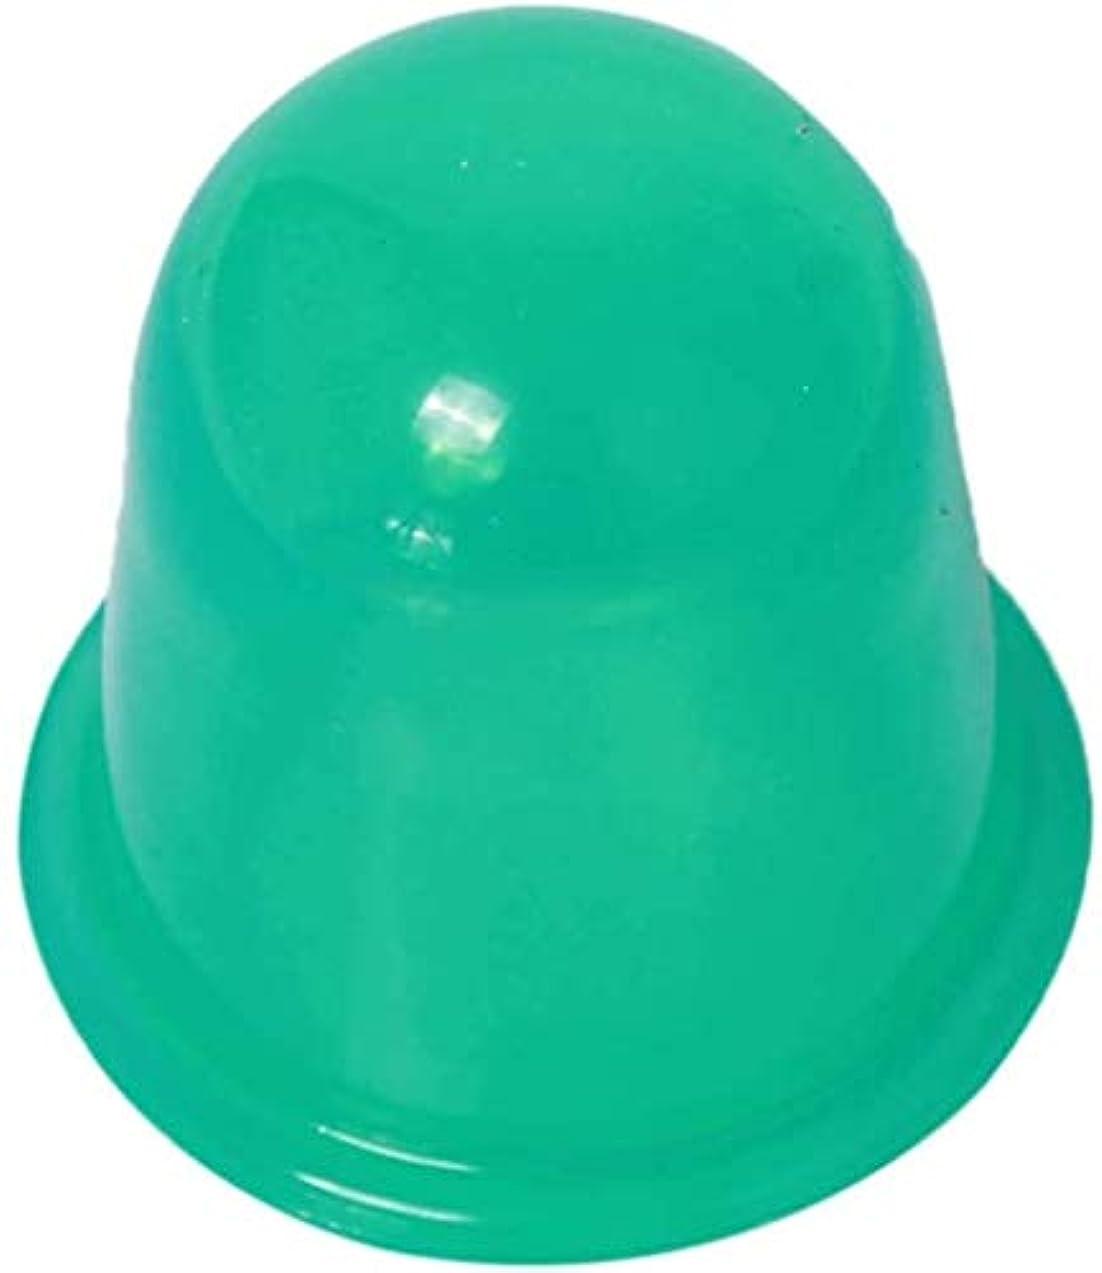 寄付するにんじんにんじんシリコーンカップ、浚渫経絡をカッピングカッピングデバイス、シリコンカッピングデバイス、バキューム、痛みを緩和し、血液循環を促進 (Color : 緑, Size : 2pcs)